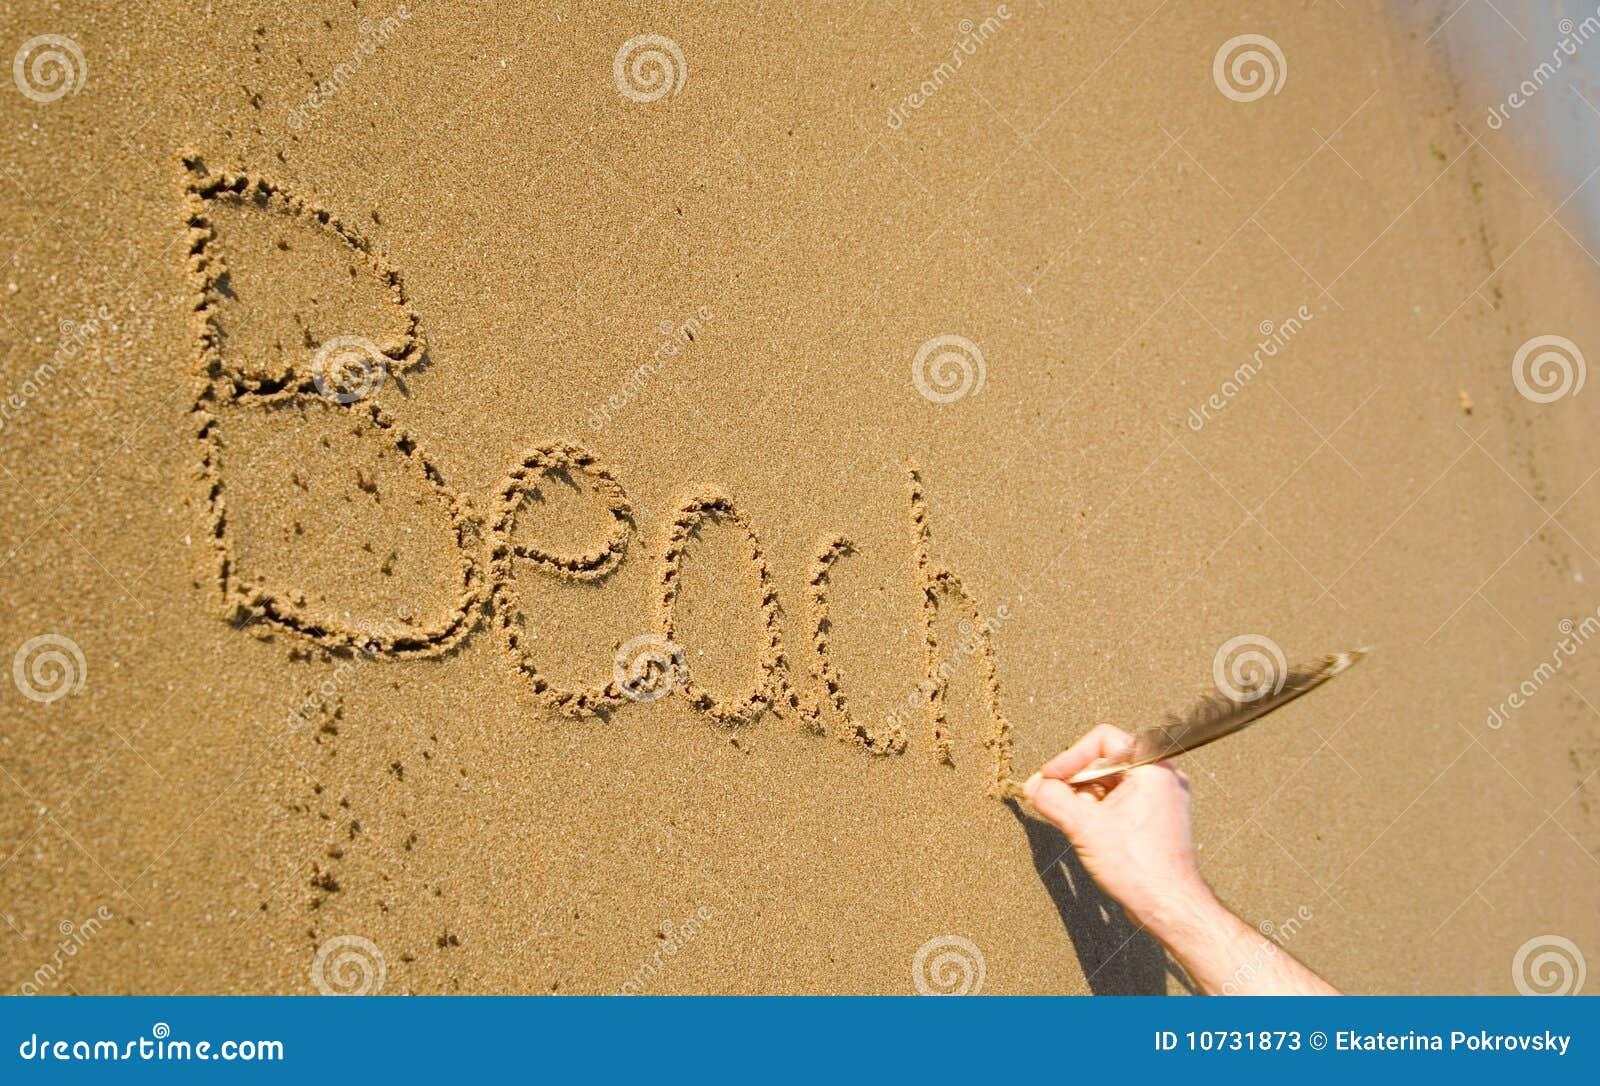 Palabras Escritas En La Arena De La: Playa De La Palabra Escrita En La Arena Imagen De Archivo